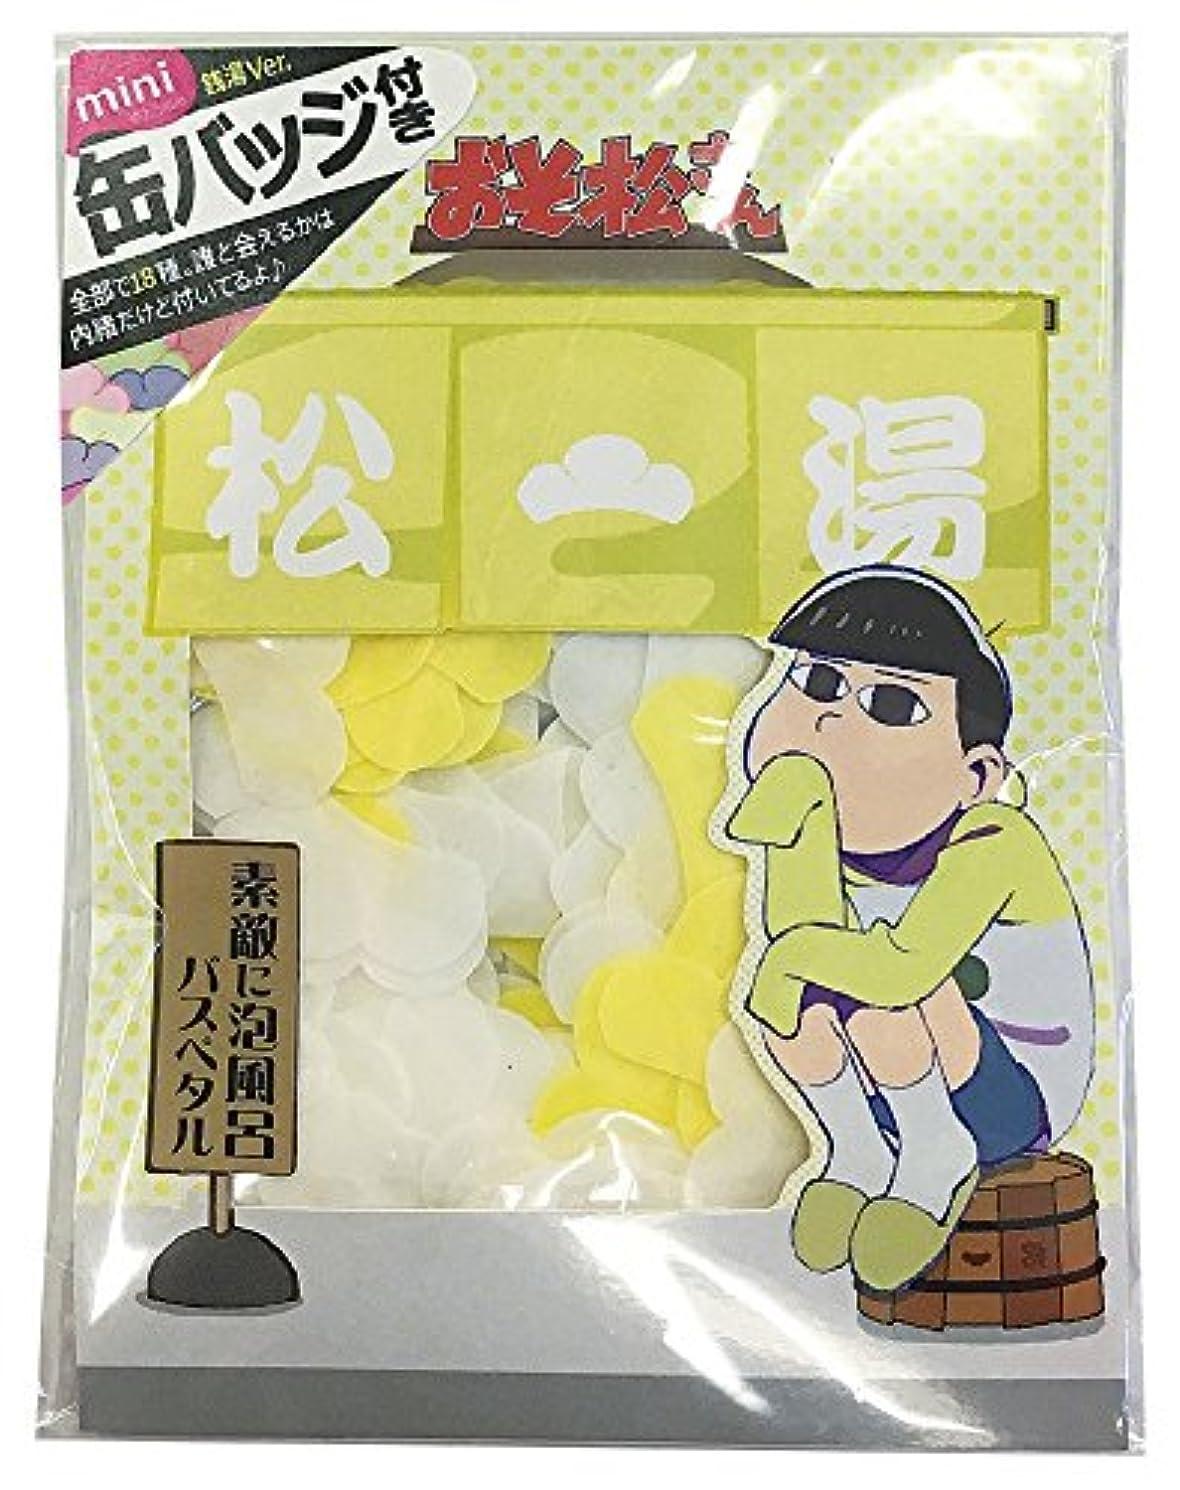 エキサイティング乱用種類おそ松さん 入浴剤 バスペタル 十四松 香り付き ミニ缶バッジ付き ABD-001-005